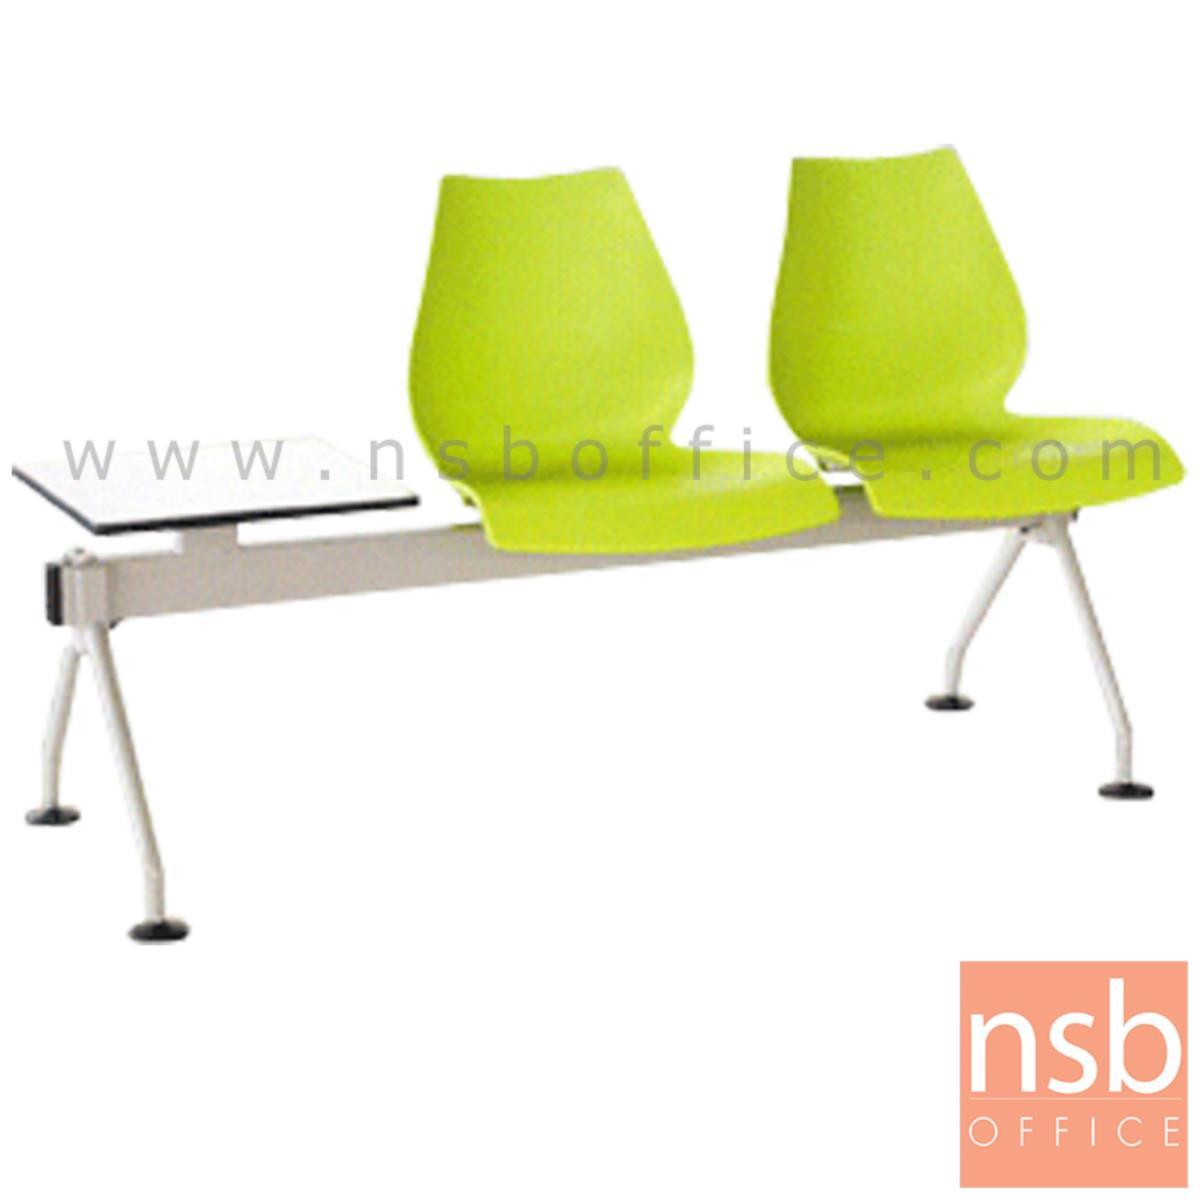 B06A069:เก้าอี้นั่งคอยเฟรมโพลี่ รุ่น B608 2 ,3 ที่นั่ง ขนาด 146W ,199W cm. พร้อมที่วางของ ขาเหล็ก